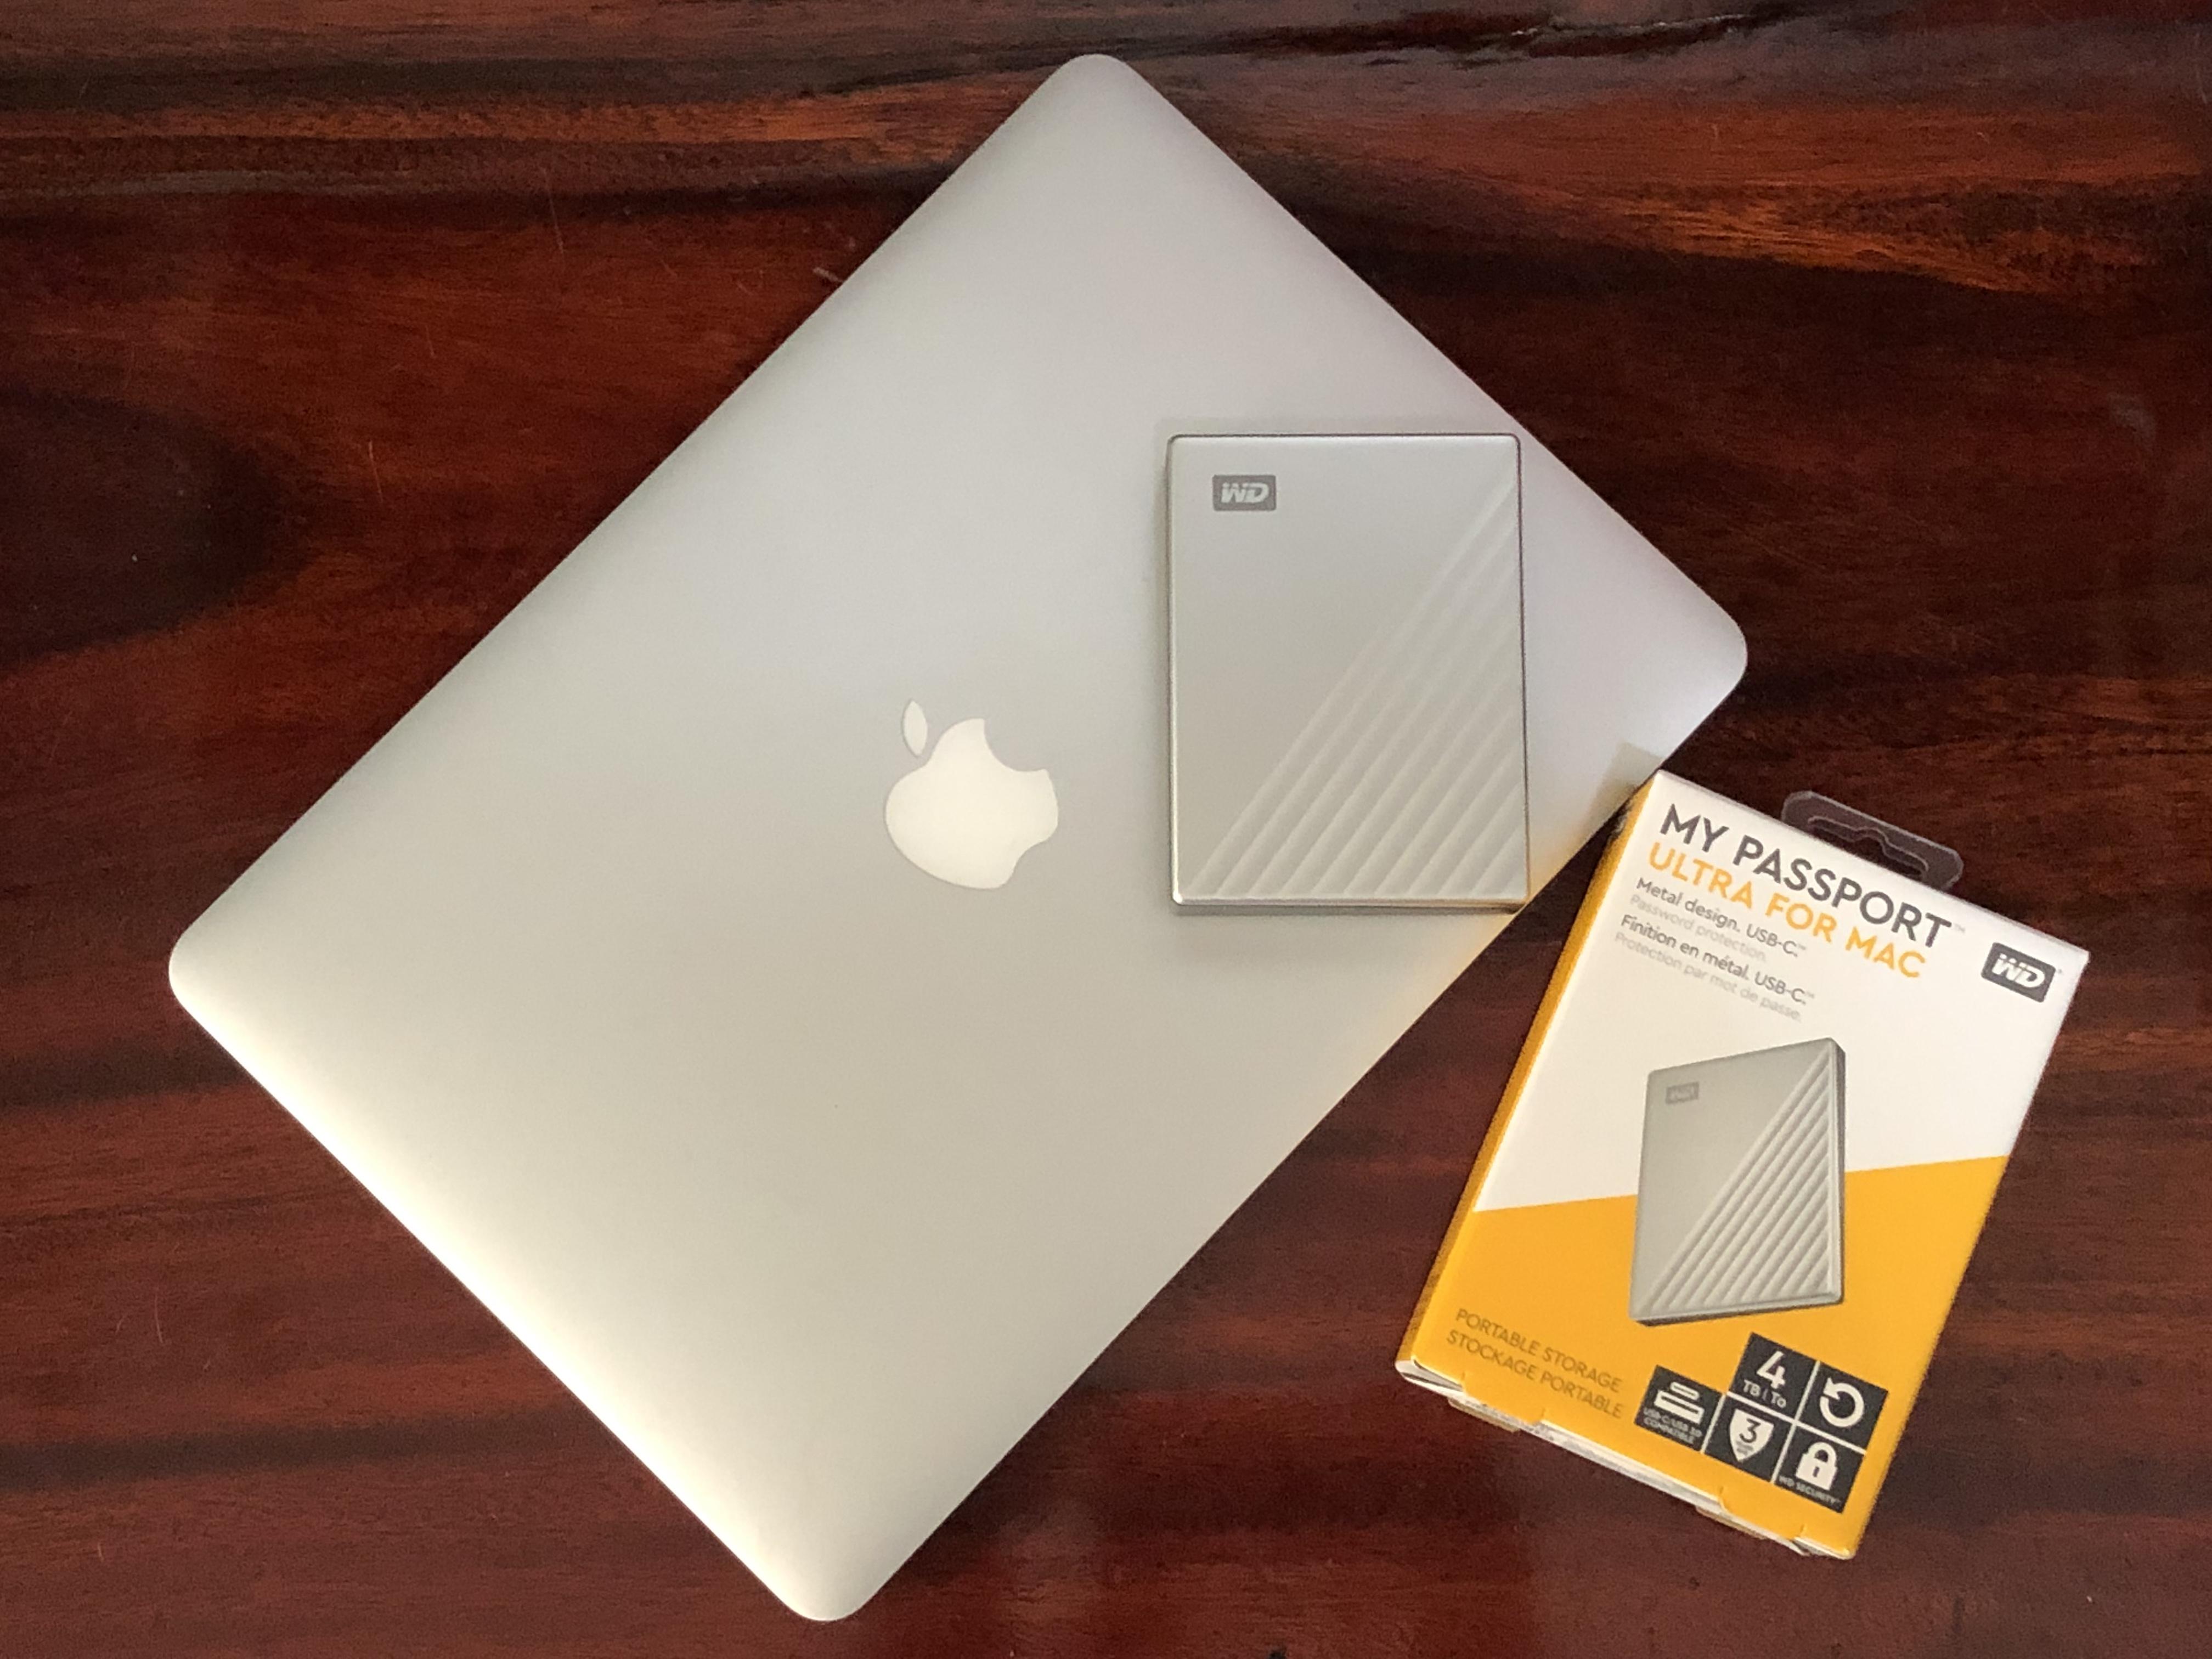 รีวิว WD My Passport Ultra for Mac 4TB ตัวใหม่ 1